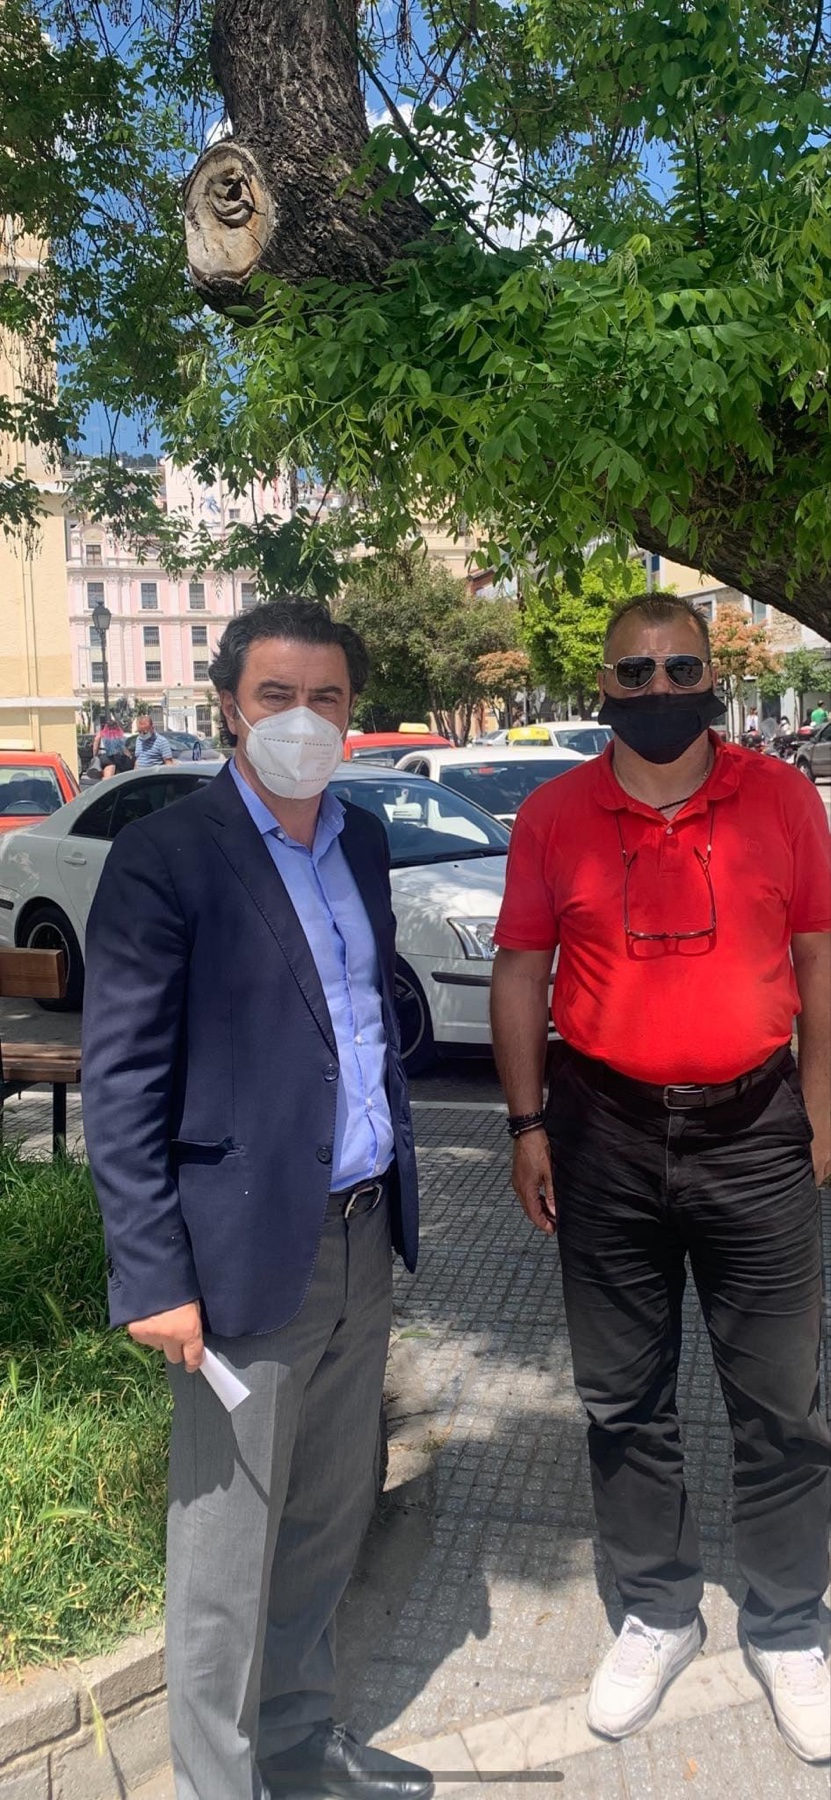 Μάκης-Παπαδόπουλος:-Η-διοίκηση-του-Δήμου-οφείλει-να-συζητήσει-με-όλους-για-την-πιάτσα-των-ταξί-στον-Δημοτικό-Κήπο